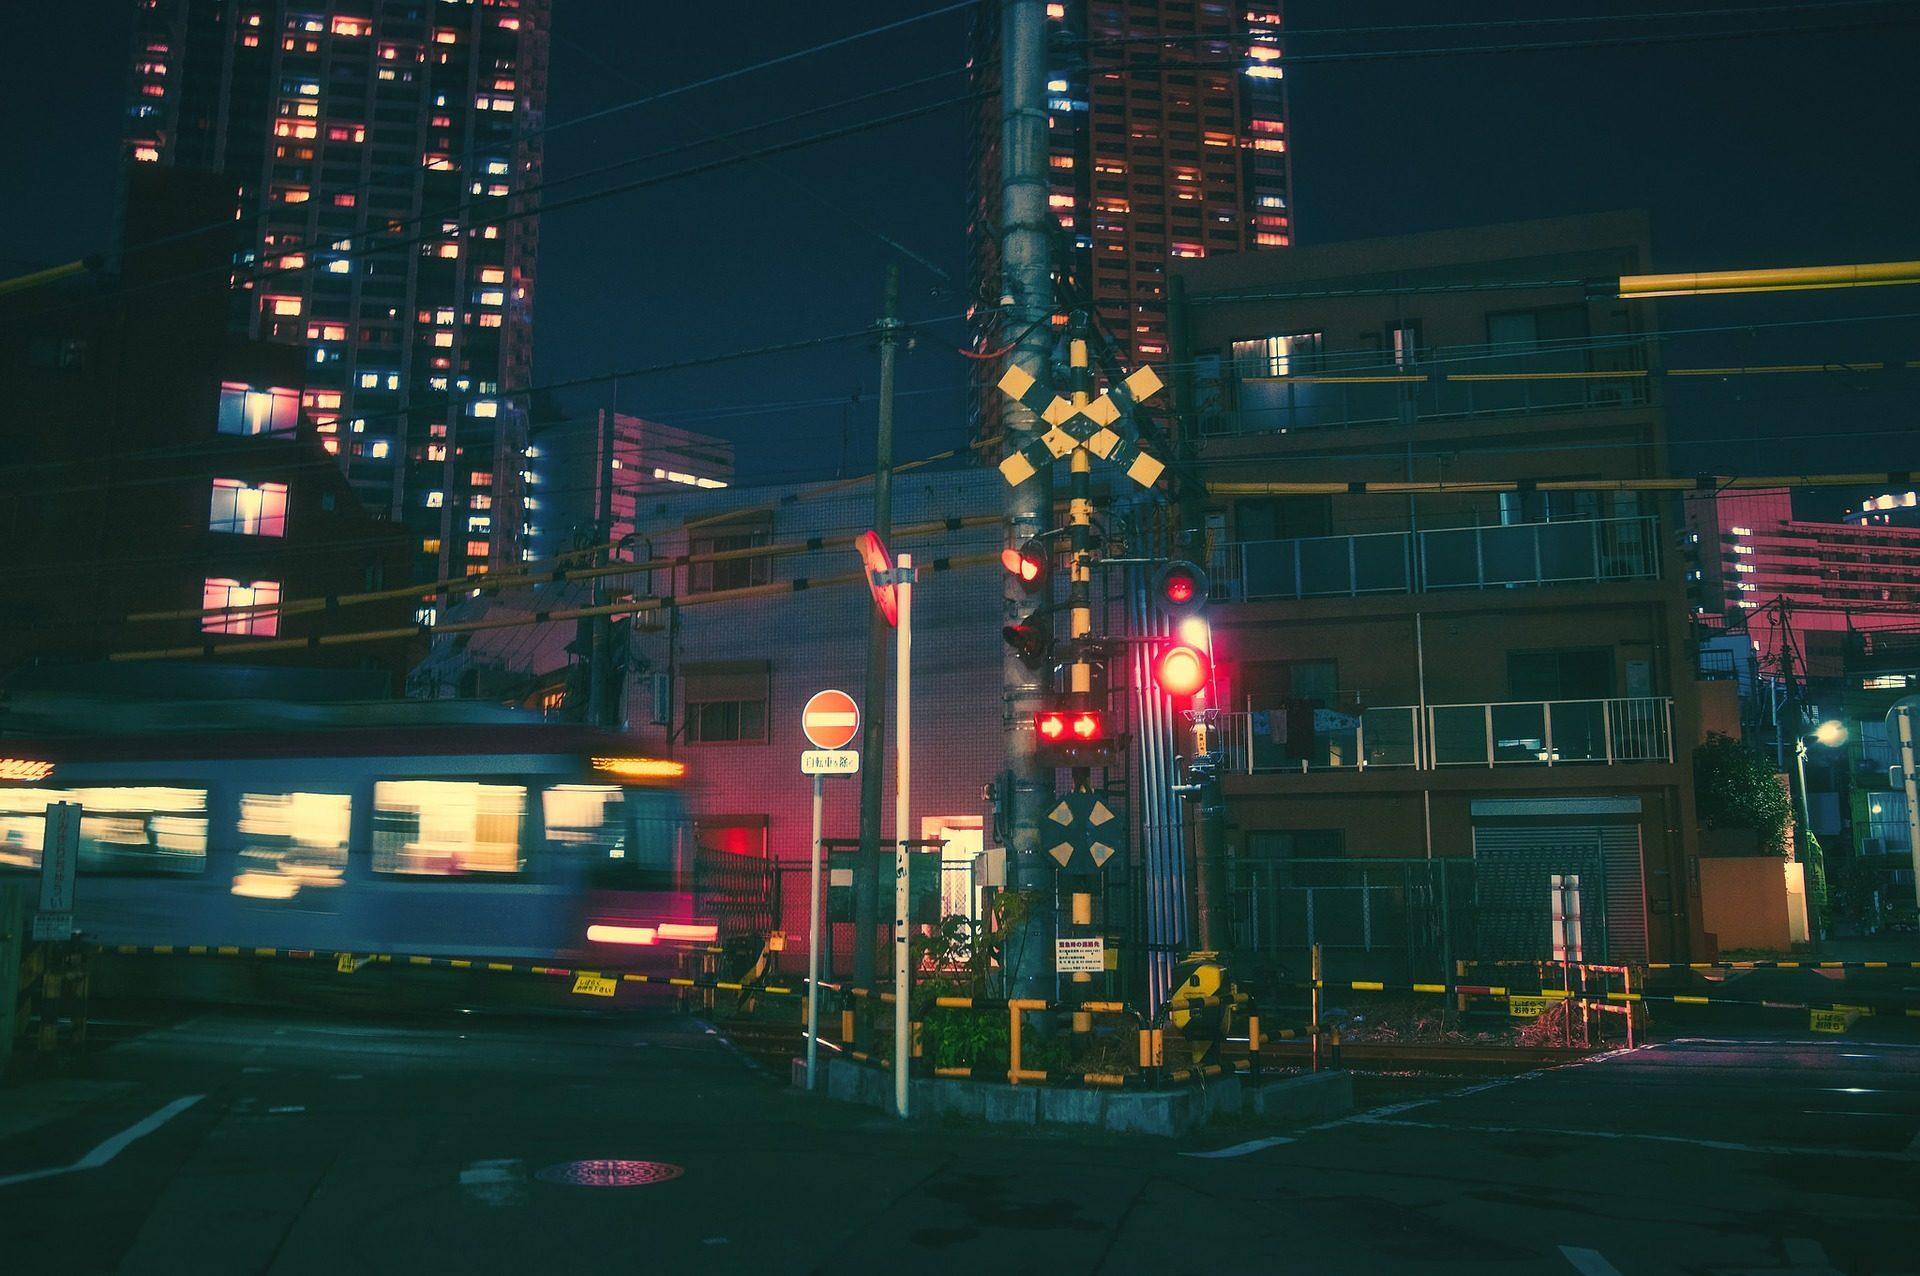 晚上, 城市, 灯, 信号, 房子, 建筑, 大阪, 日本 - 高清壁纸 - 教授-falken.com